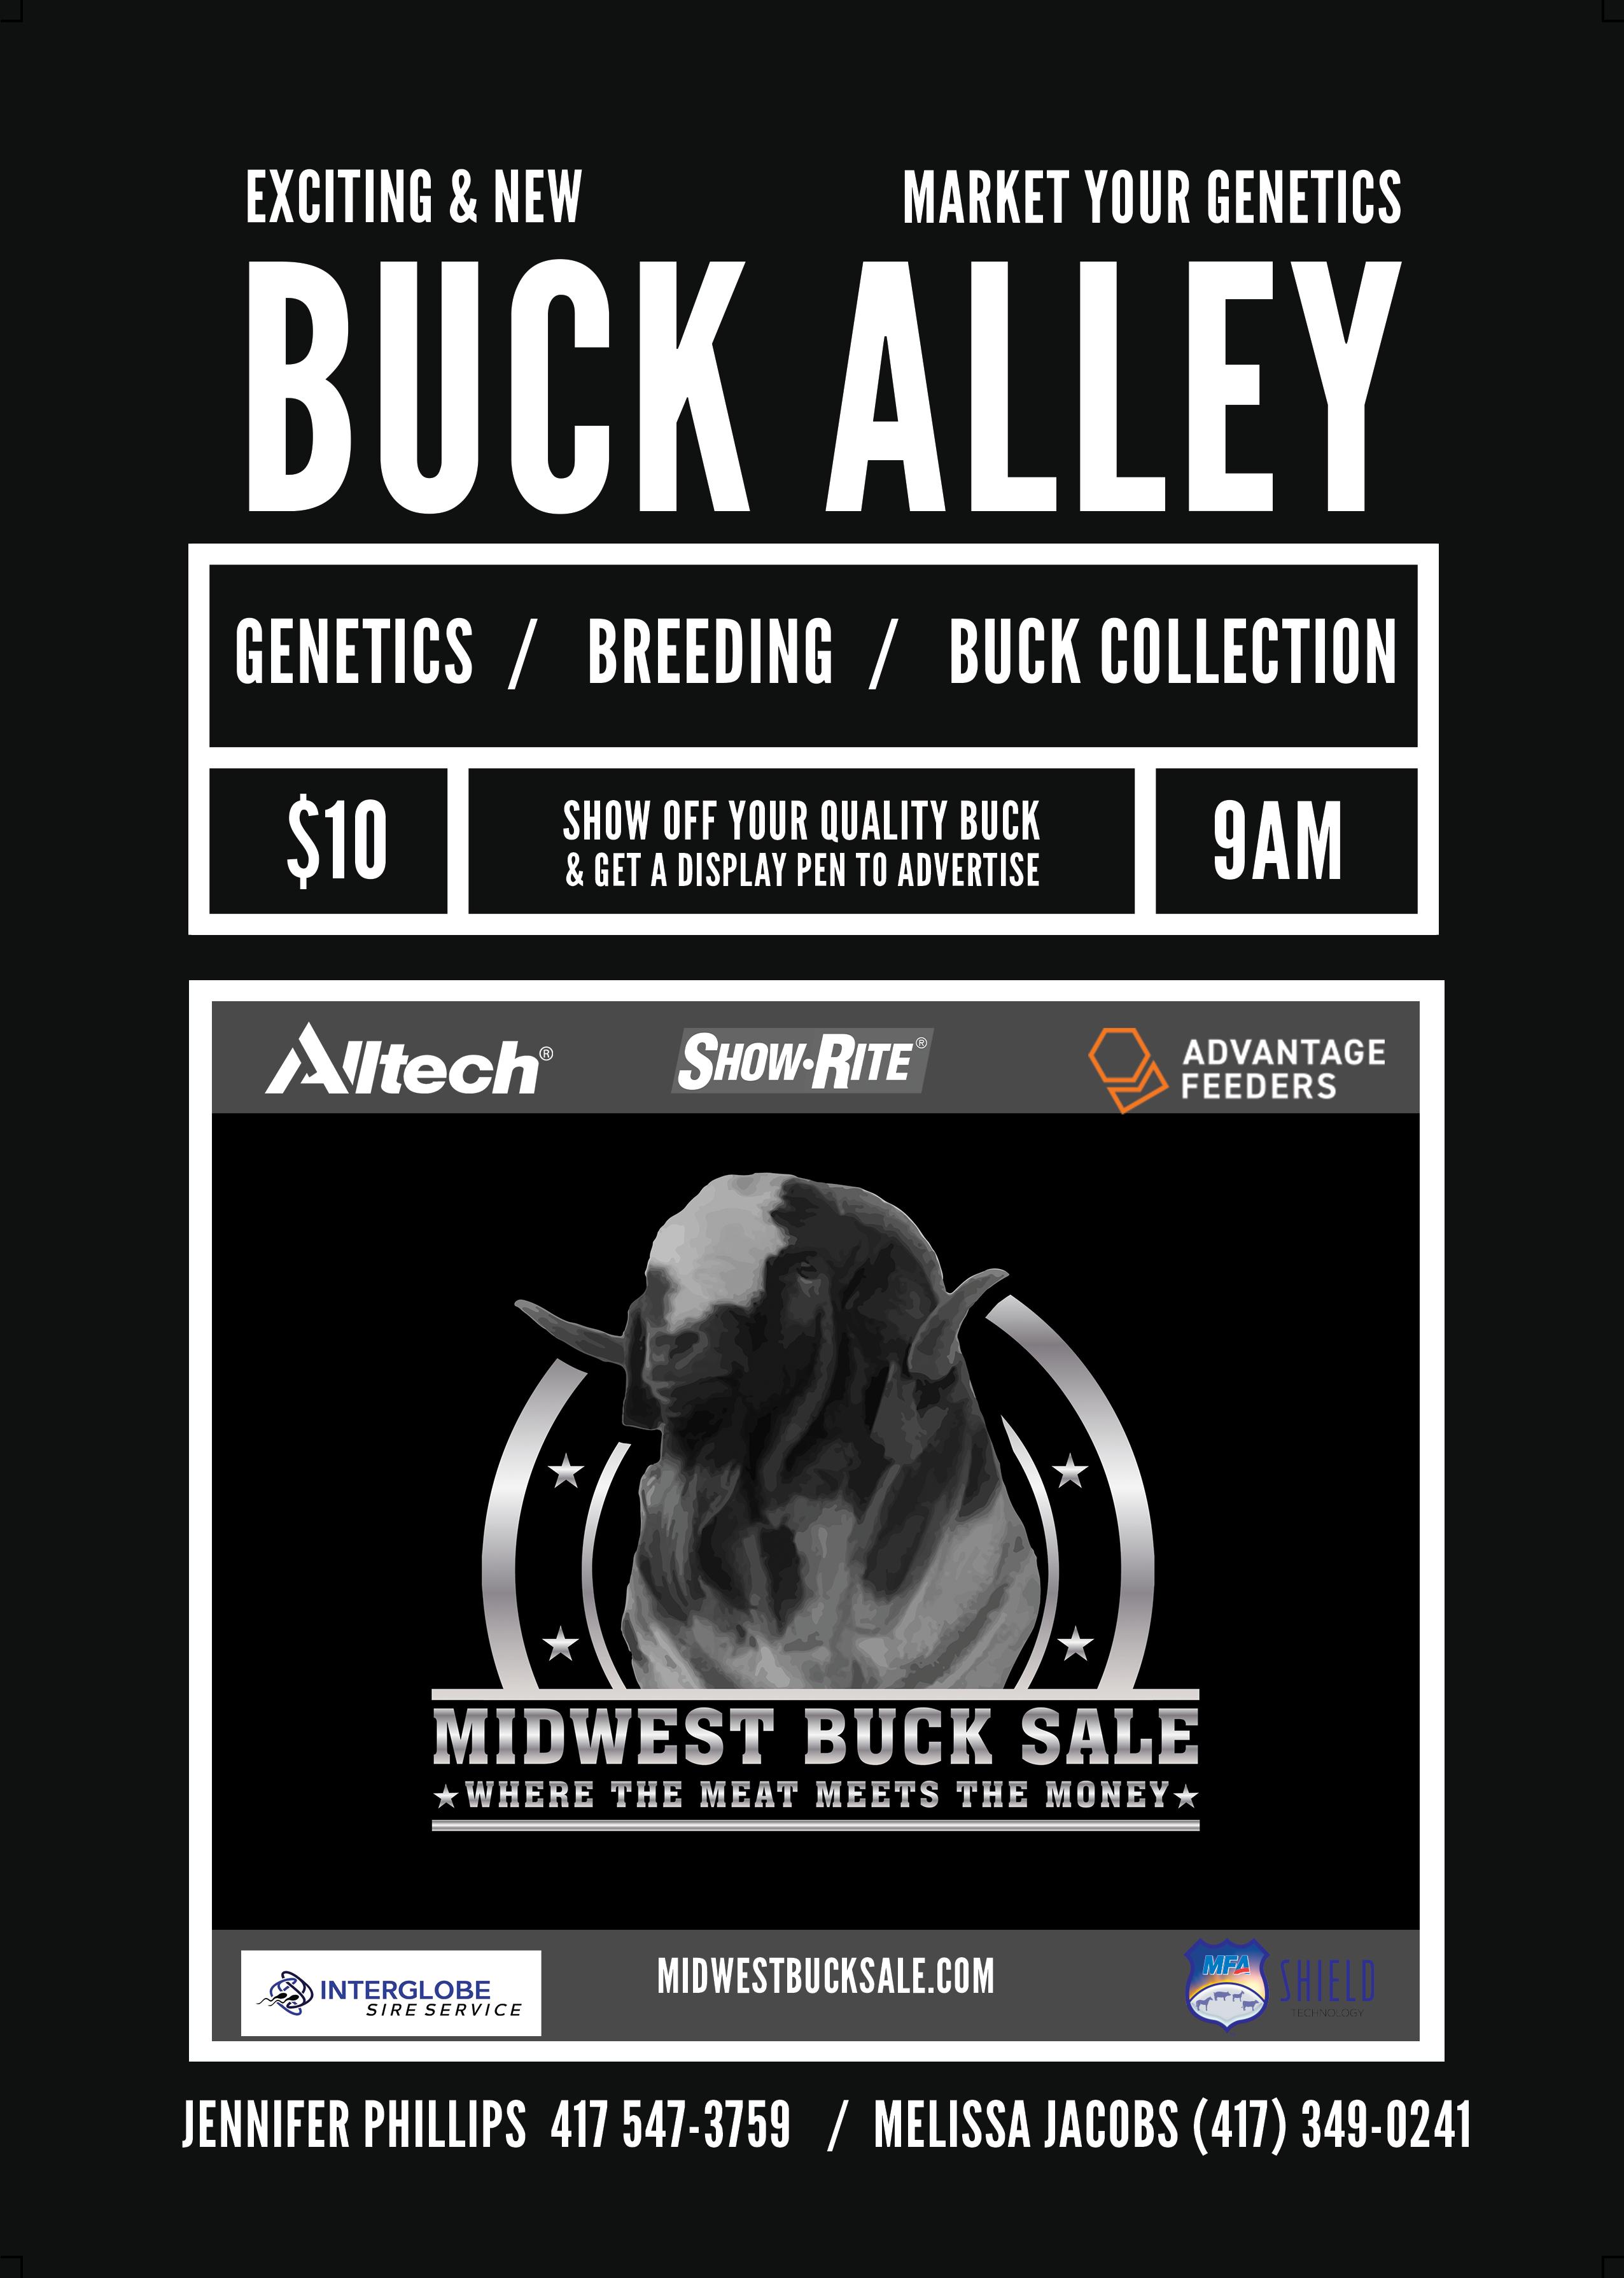 Buck Alley